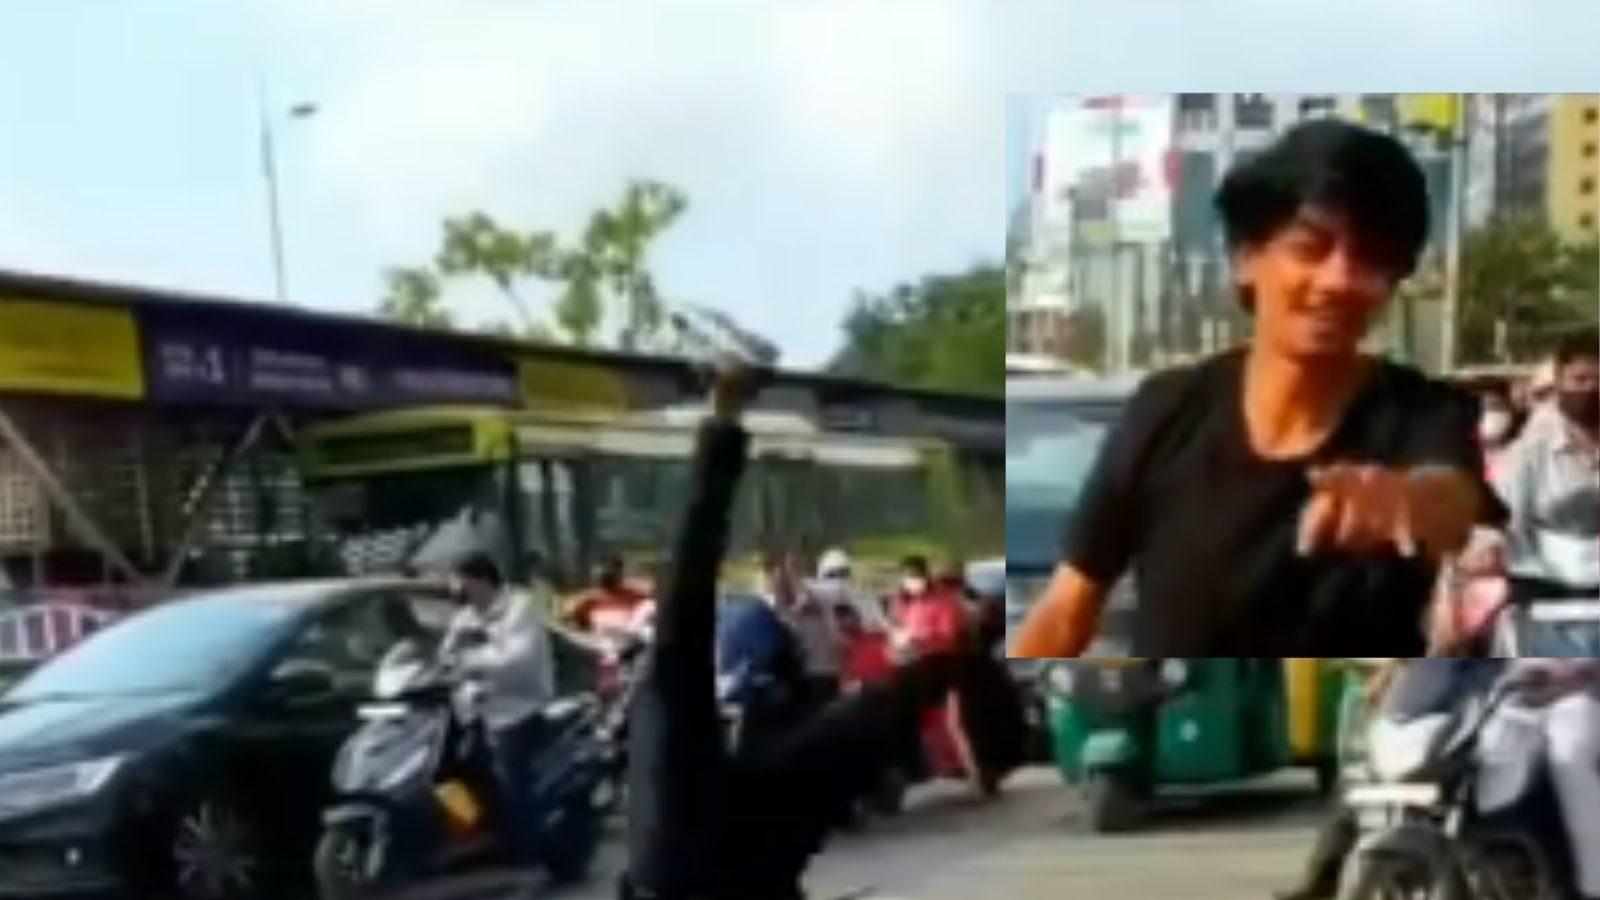 Viral Video: डांसिंग गर्ल के बाद अब जम्पिंग बॉय आया सामने, चौराहे पर यूं दिखाए मूव्स, पुलिस कर रही तलाश